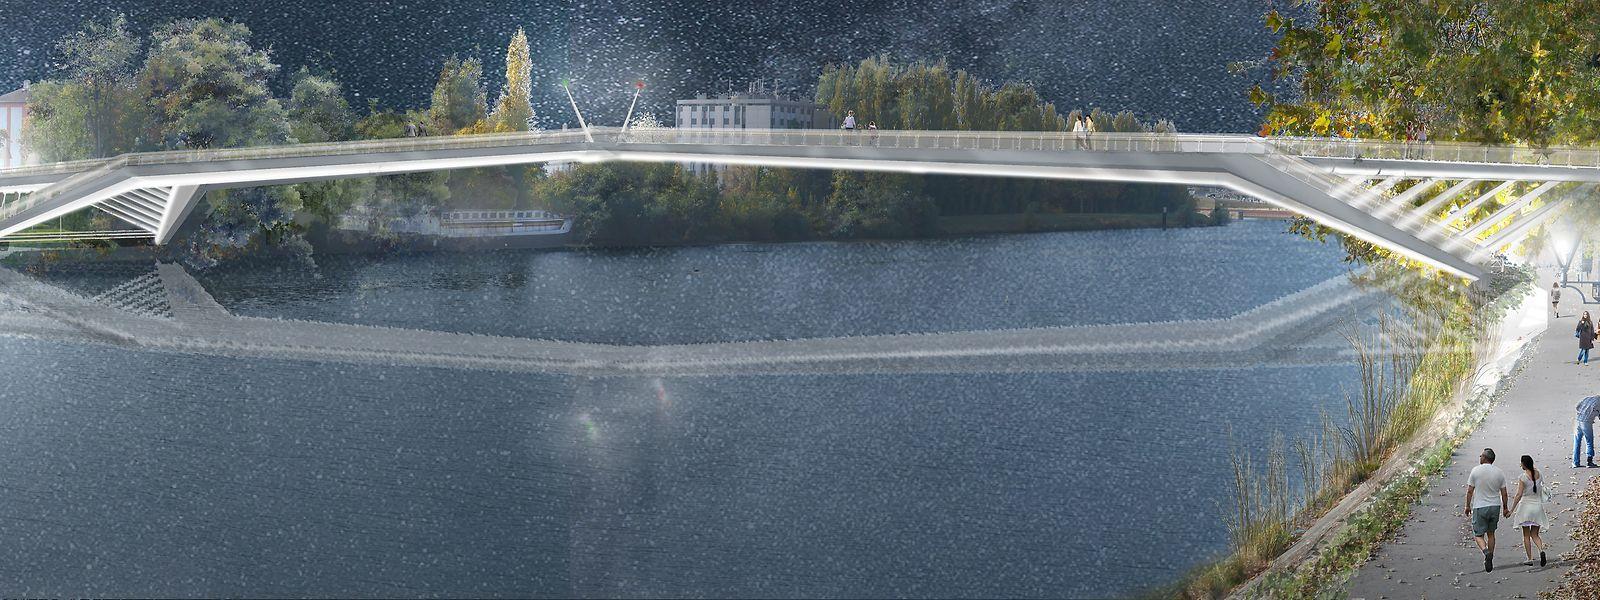 La future passerelle de 140 mètres de long reliera le centre-ville de Thionville et son nouveau quartier de la gare en devenir.